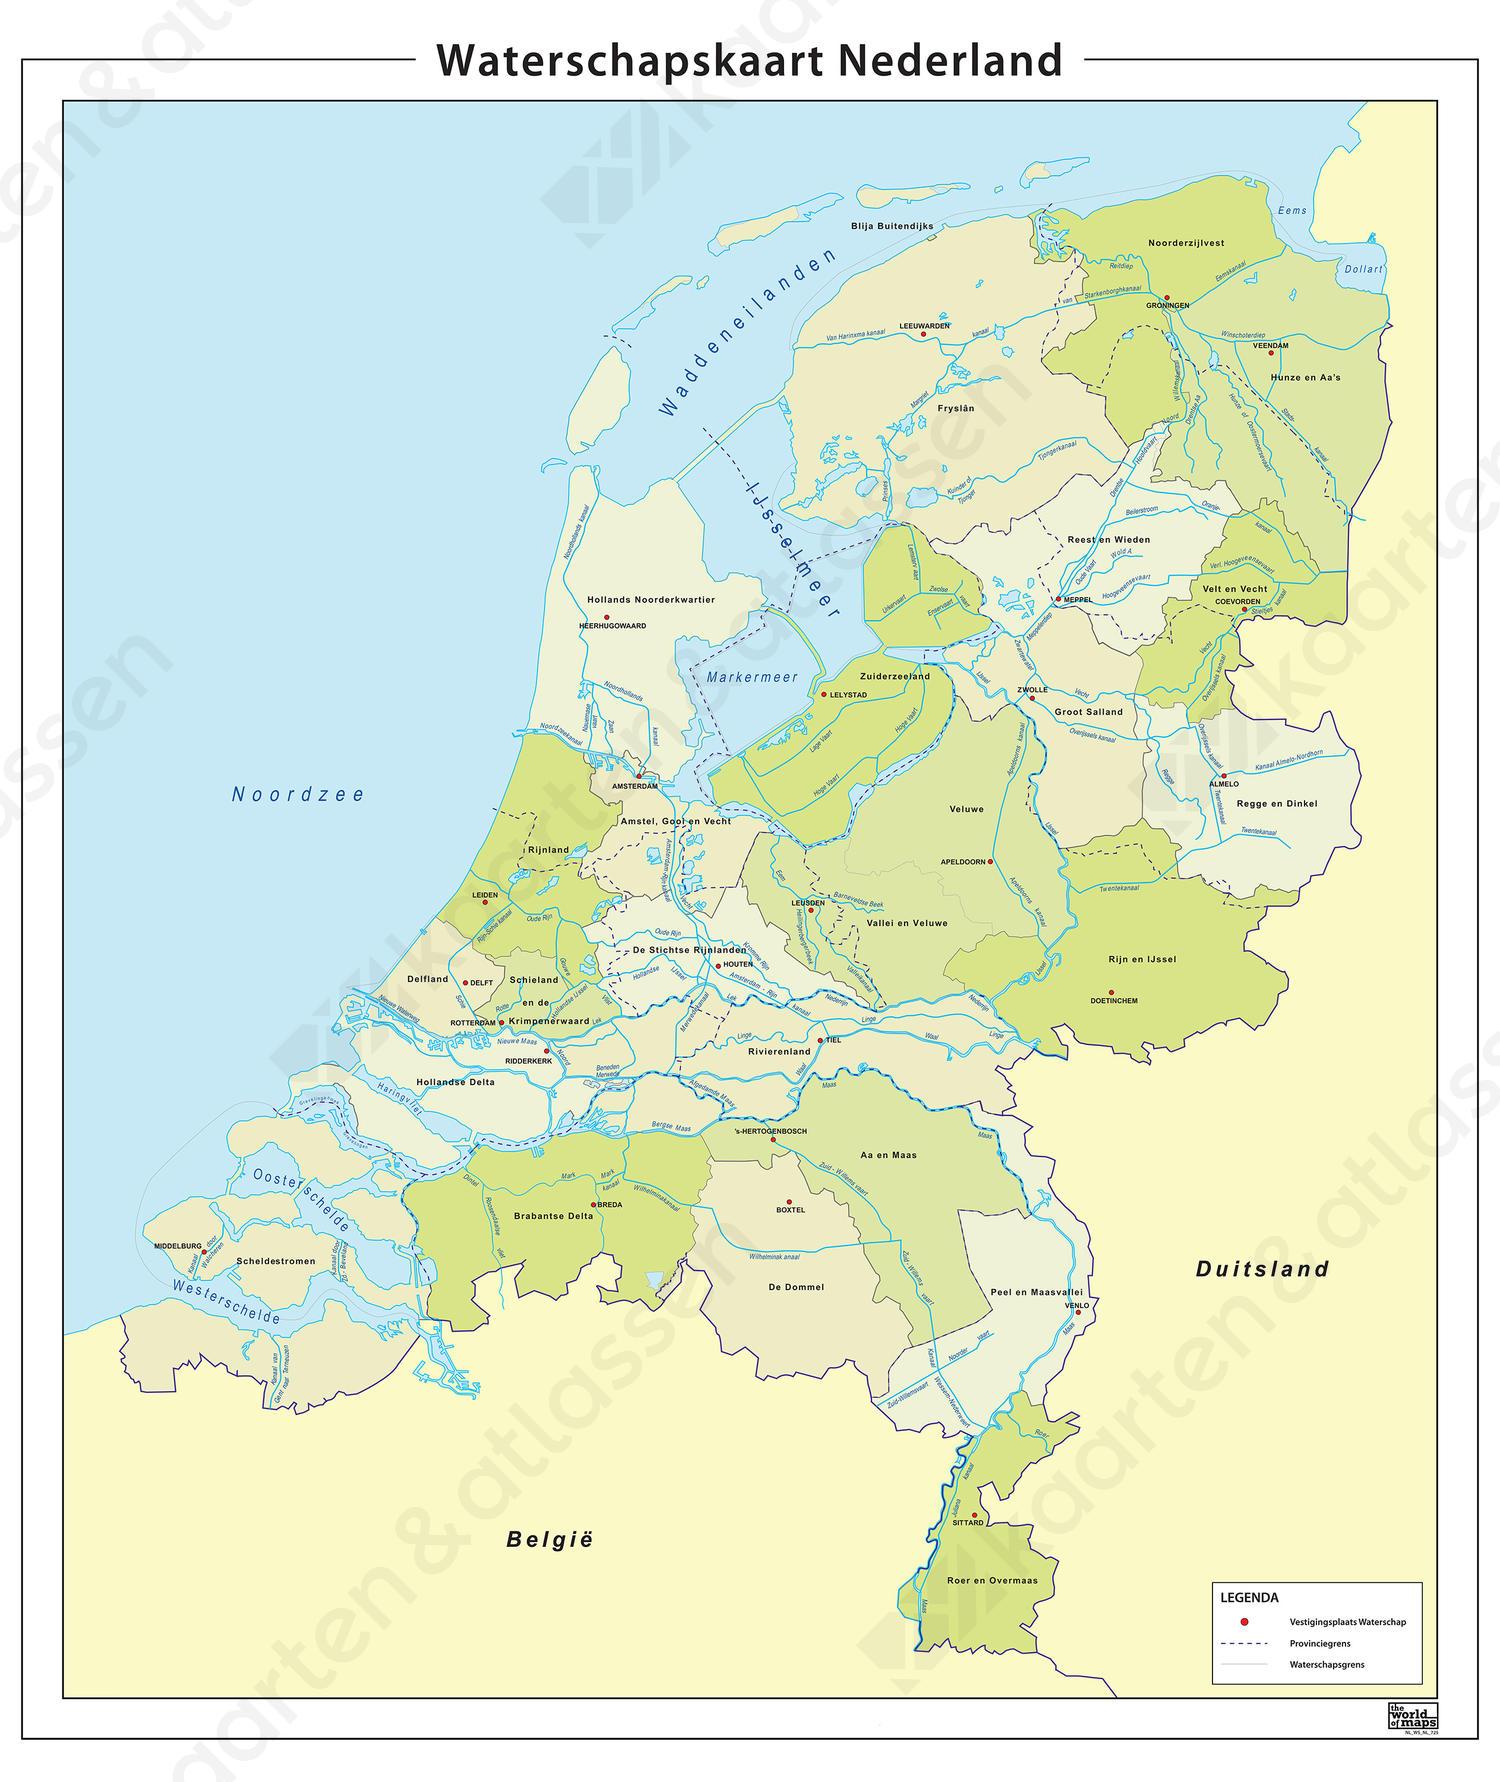 Digitale Waterschapskaart van Nederland